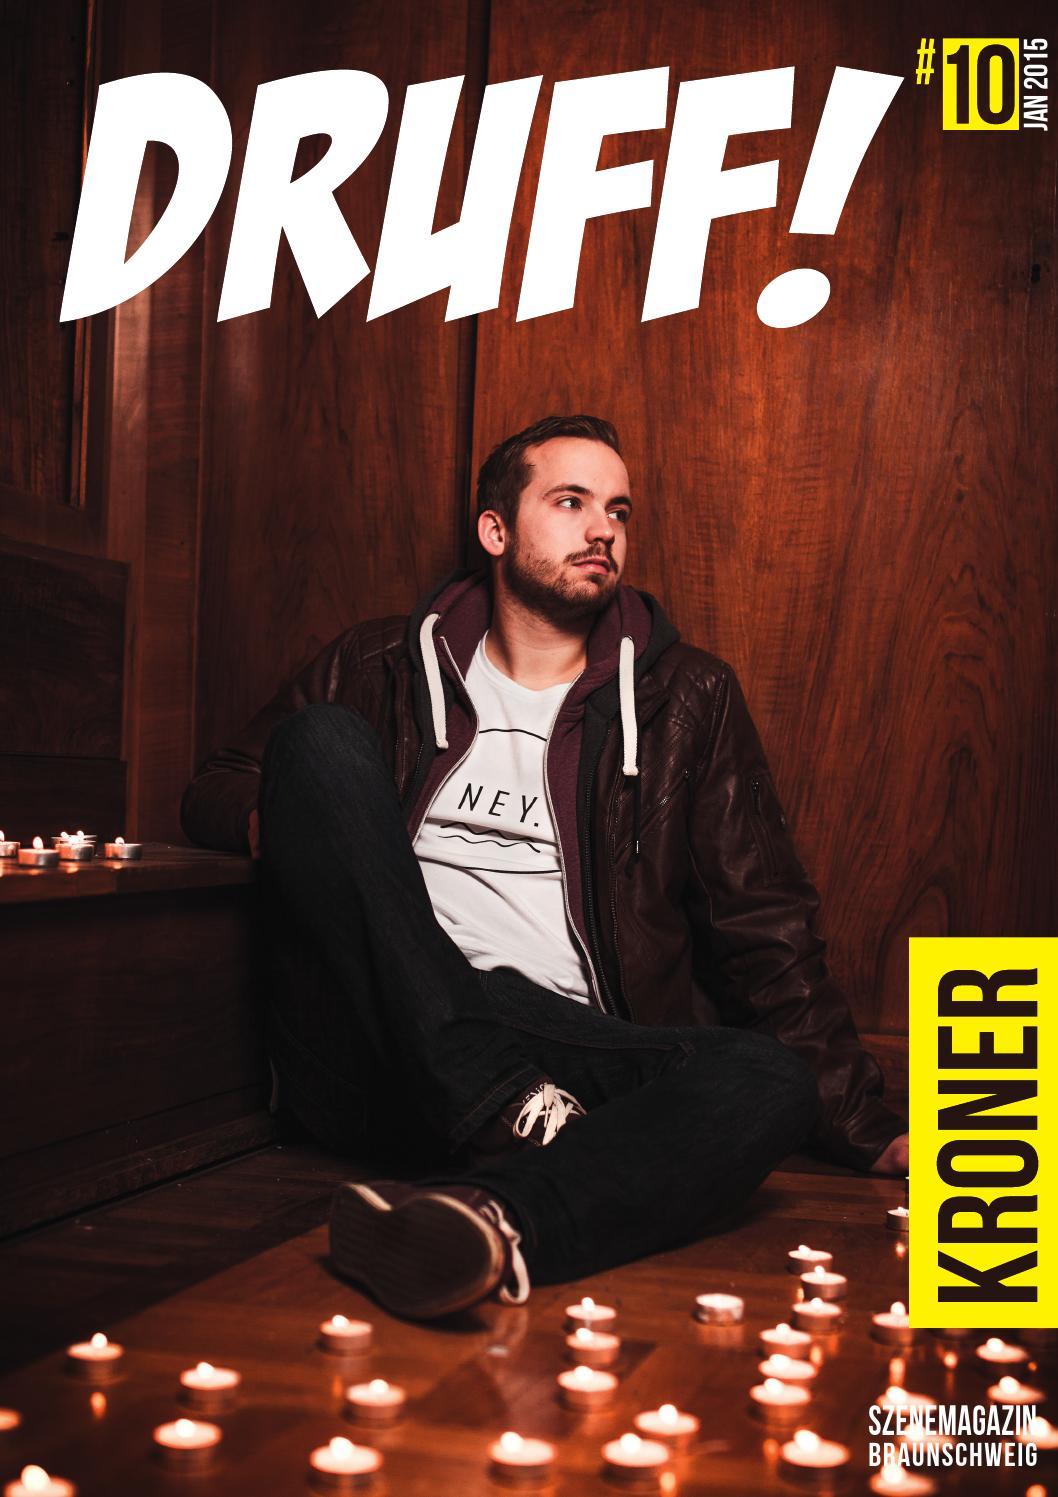 Druff!-Magazin #10 BS Januar 2015 by DRUFF! Magazin - issuu